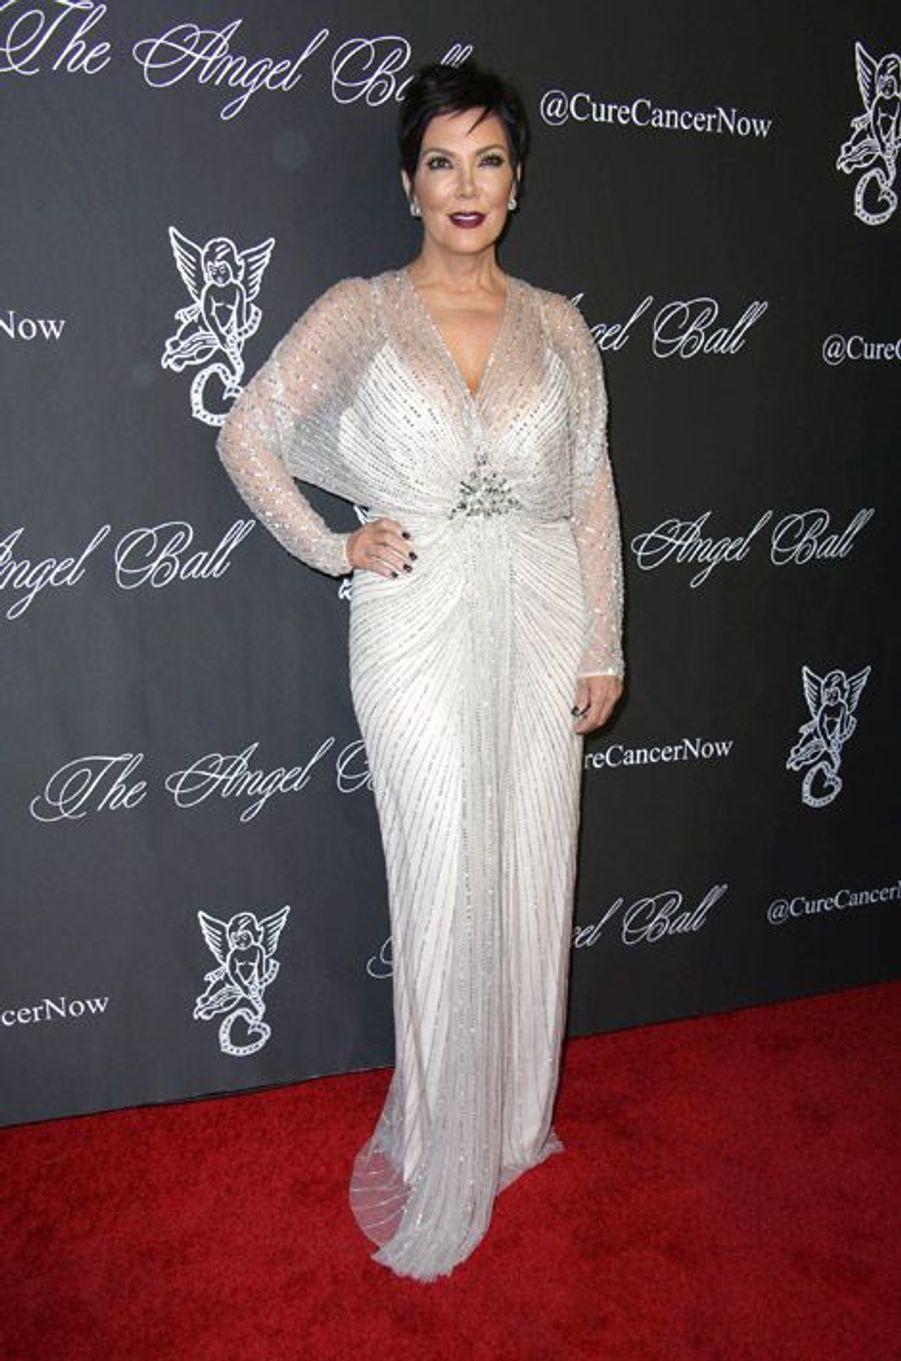 La star de la téléréalité, Kris Jenner, 58 ans, lors du Angel Ball 2014 à New York, le 20 octobre 2014